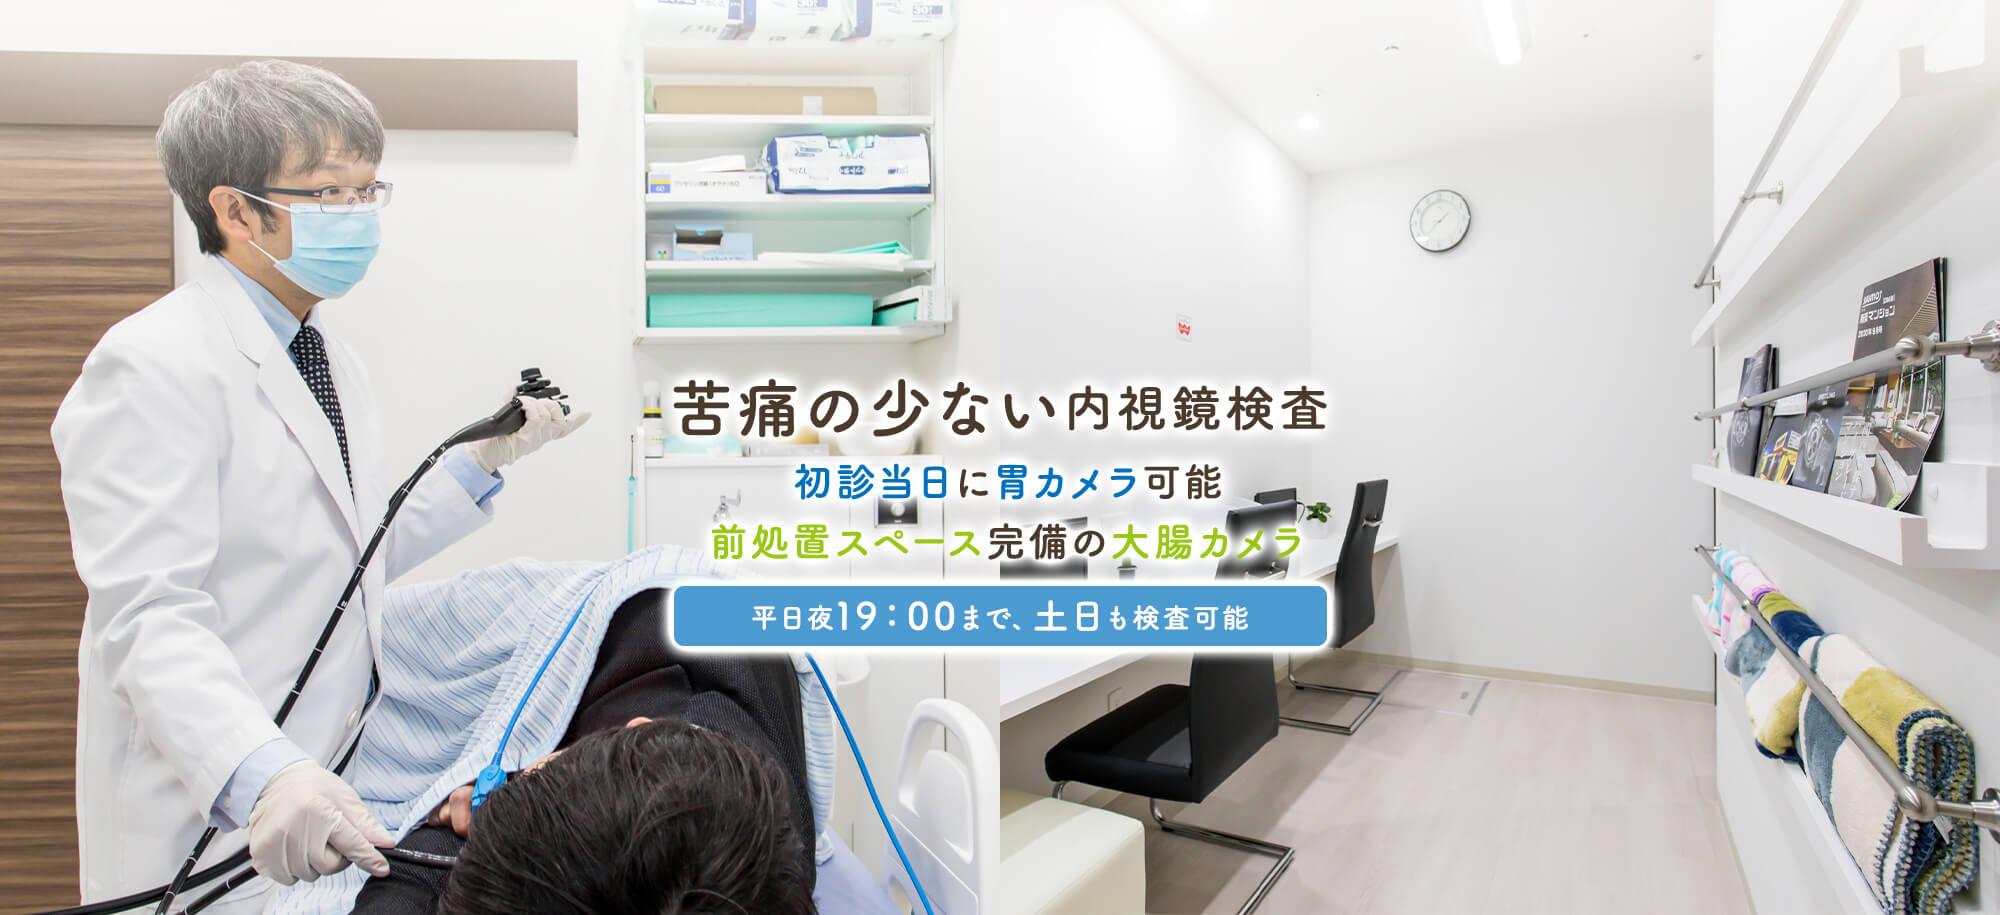 苦痛の少ない内視鏡検査 初診当日に胃カメラ可能 前処置スペース完備の大腸カメラ